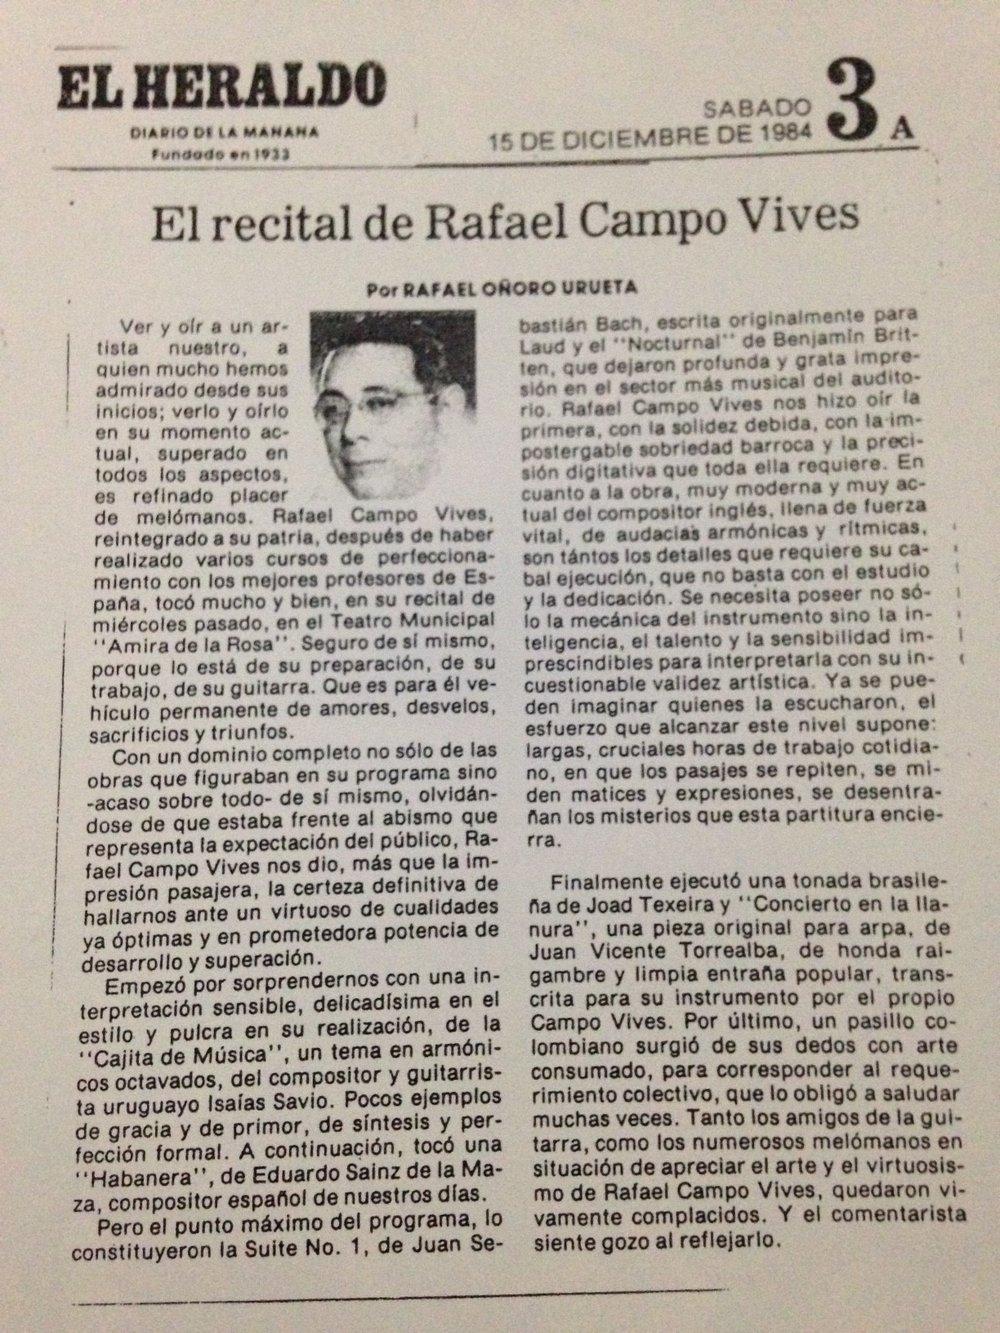 """El Heraldo. Concierto en el Teatro Municipal """"Amira de la Rosa"""". Barranquilla. 1984"""